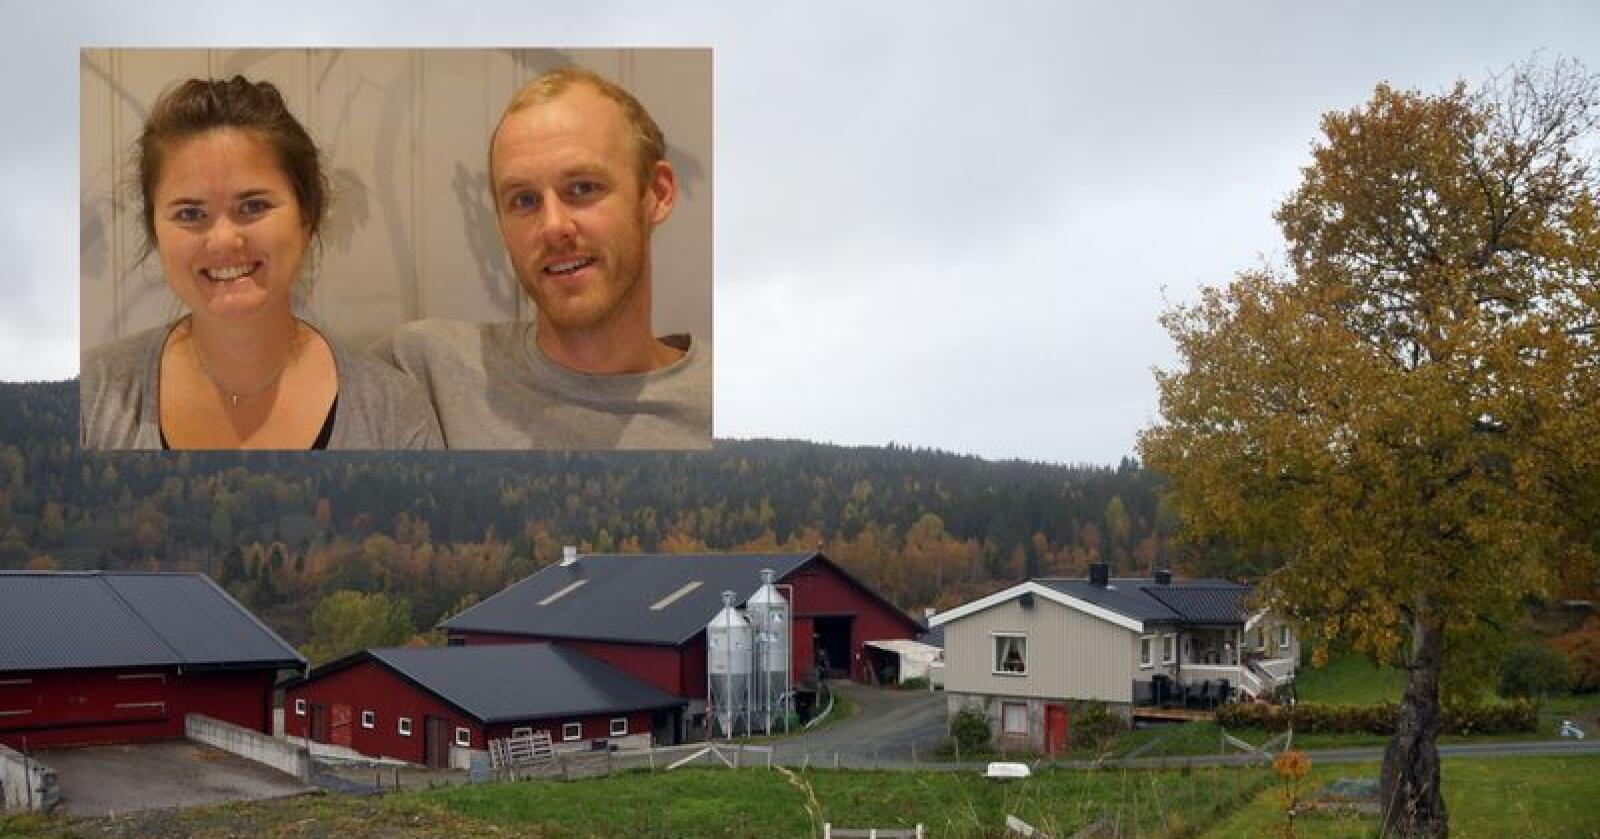 Ingeborg og Torstein Næss driver med smågrisproduksjon, og melkeproduksjon på 200 tonn kvote. Nå starter de også utsalg av melk fra gården. Foto: privat.